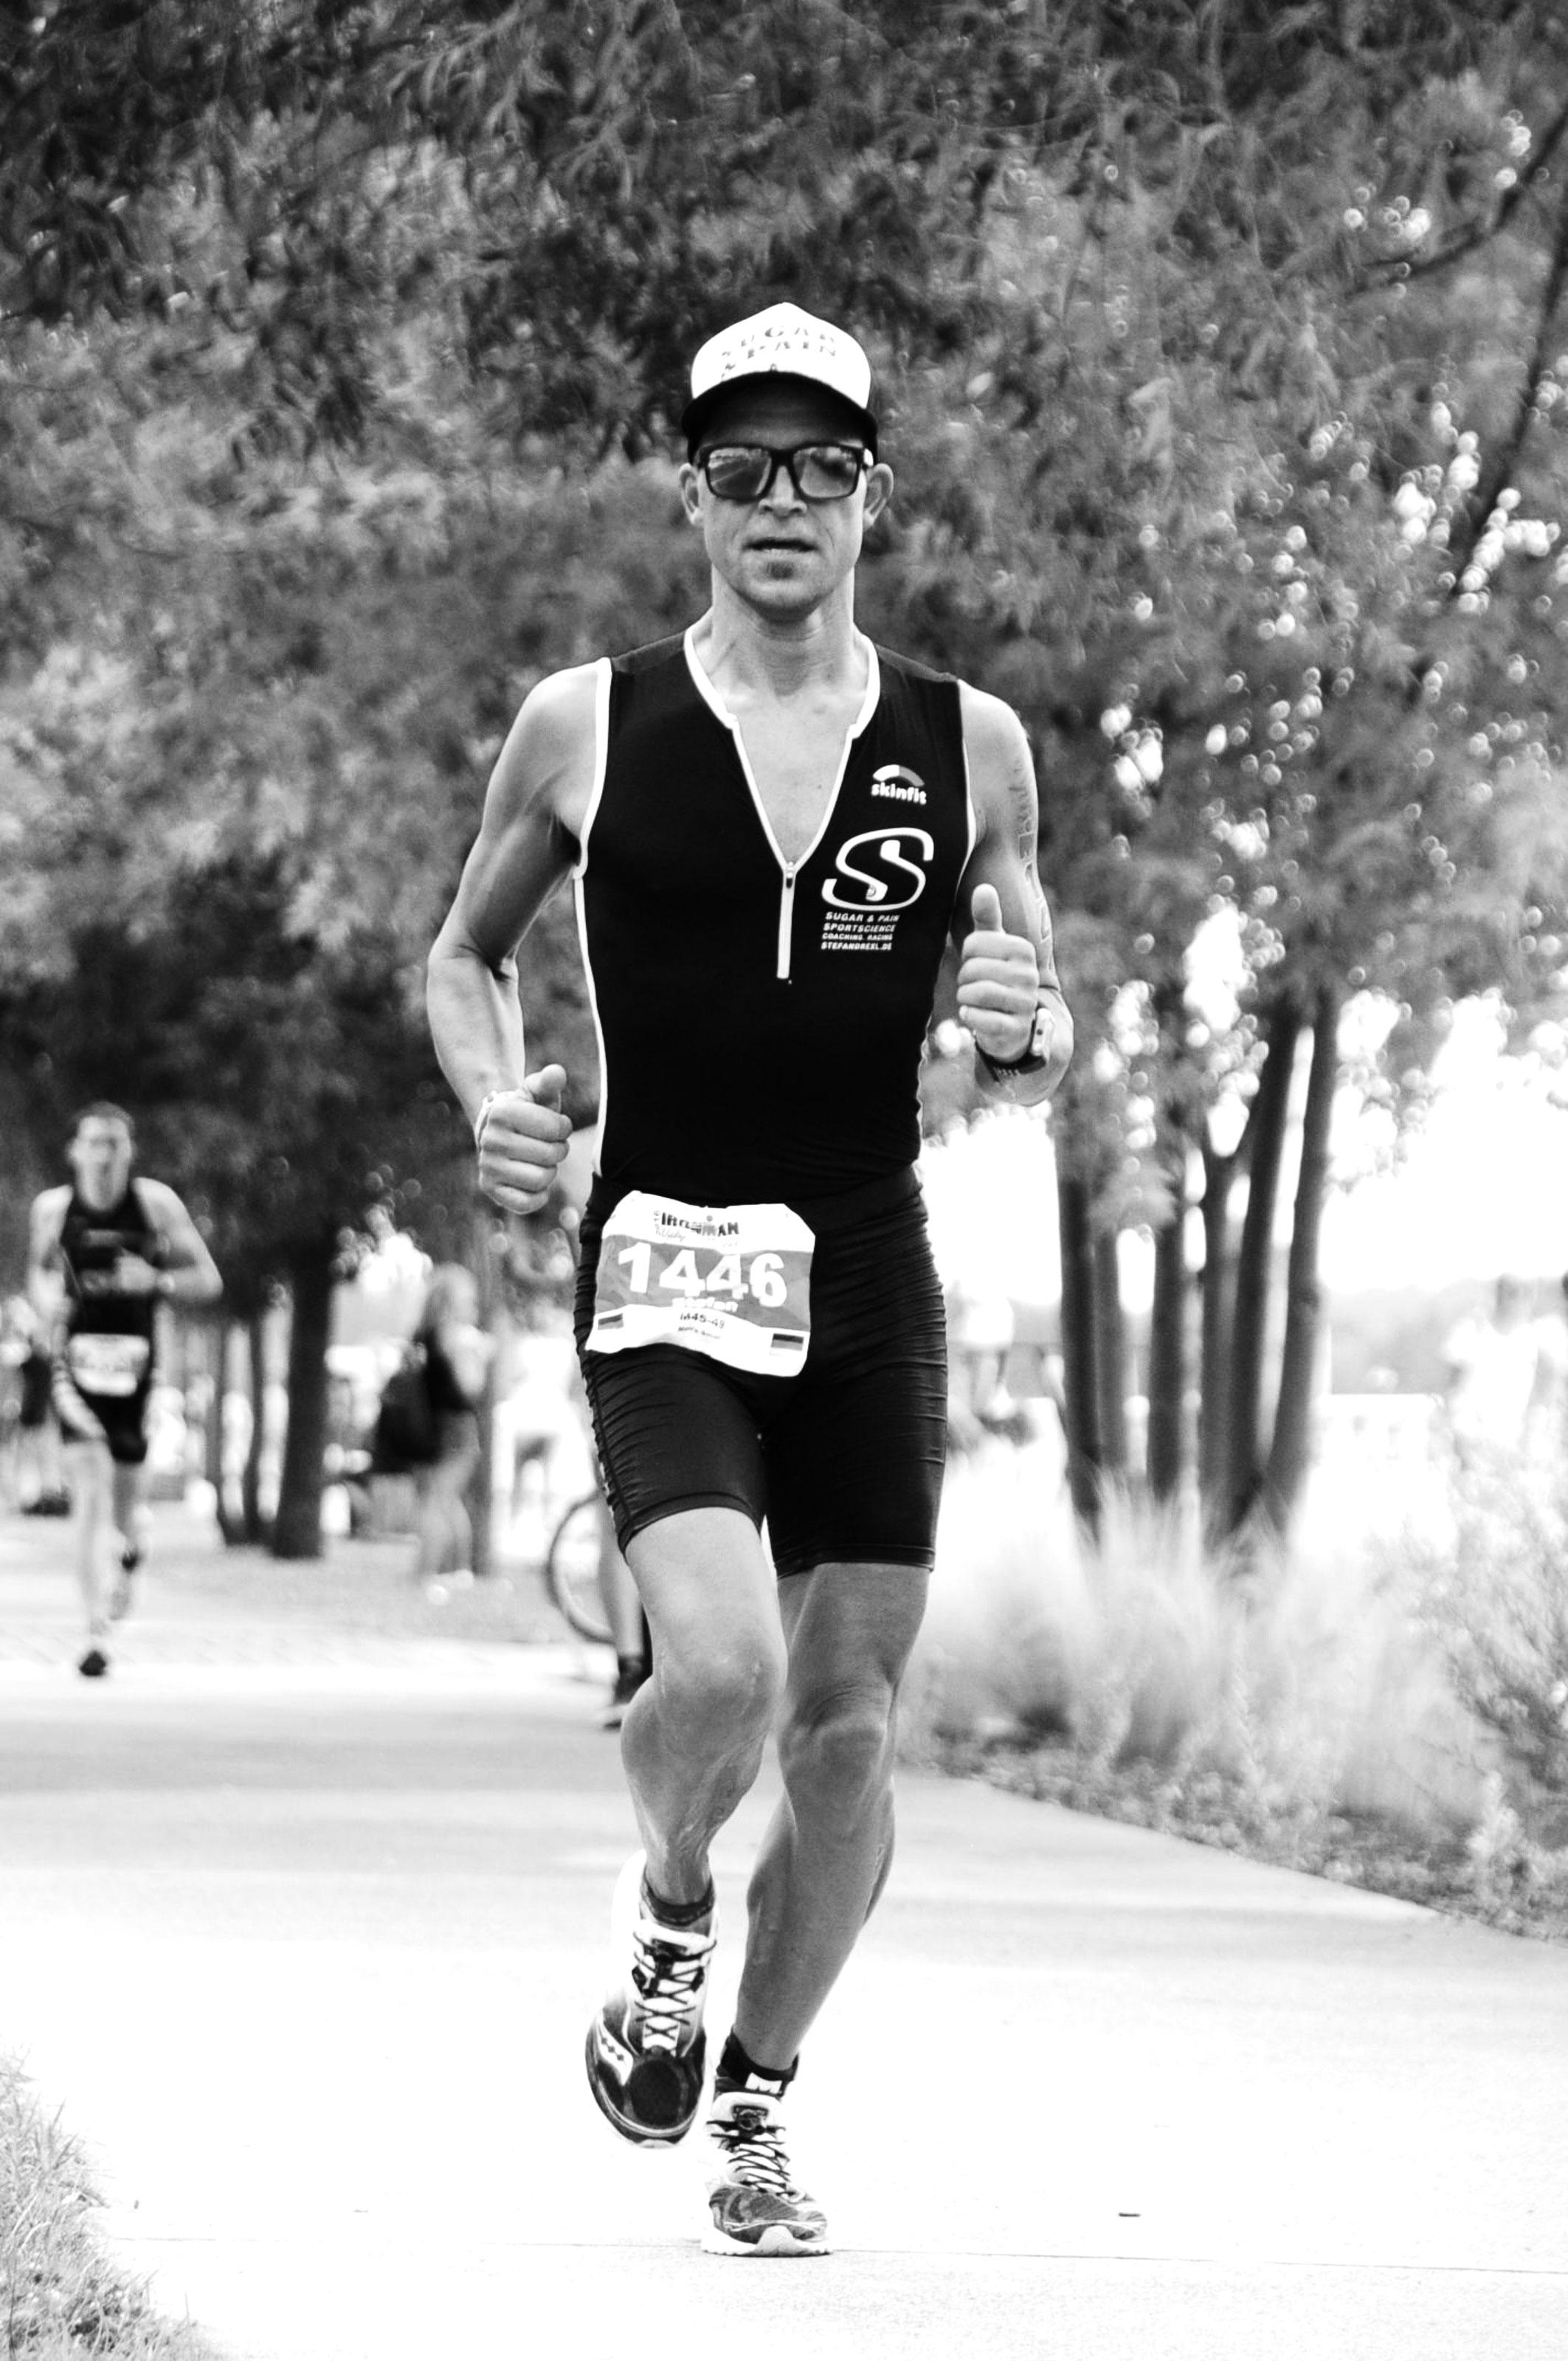 IRONMAN VICHY 2016 The Story: Konzentriert und fokusiert, den Kopf hoch und den Blick immer nach vorne gerichtet läuft's diesmal schnell im Marathon ©stefandrexl.de